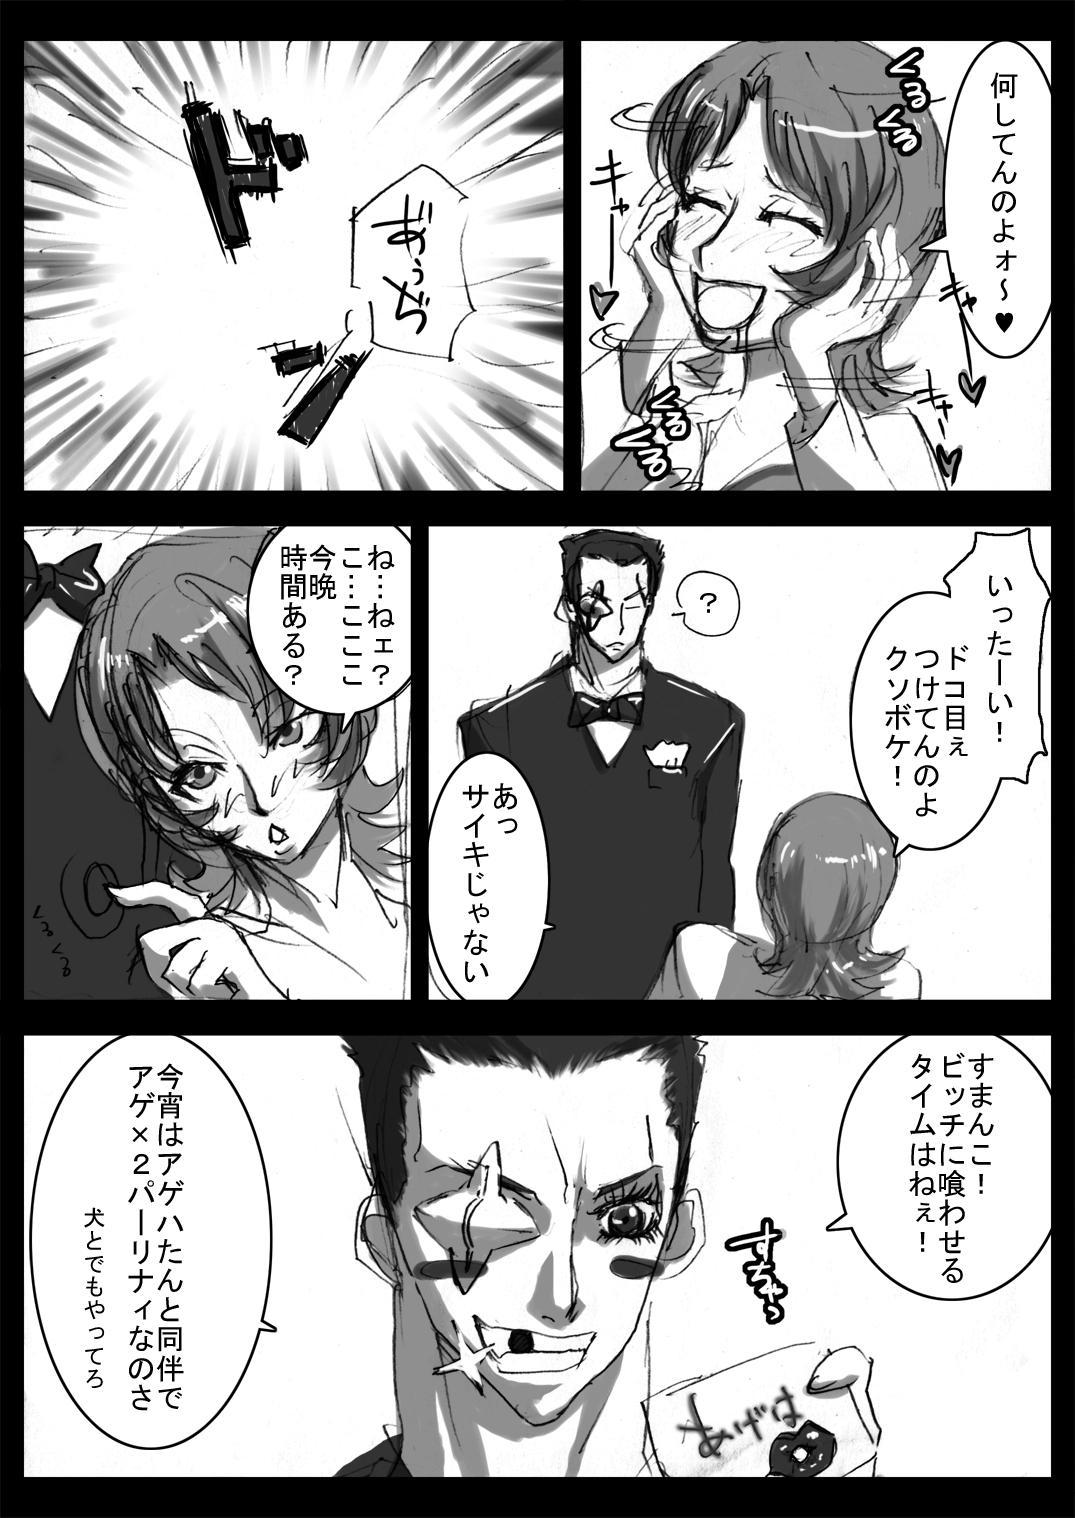 Megane de Bakunyuu no Kanbu o Himitsu Kaigi de Aheahe 36